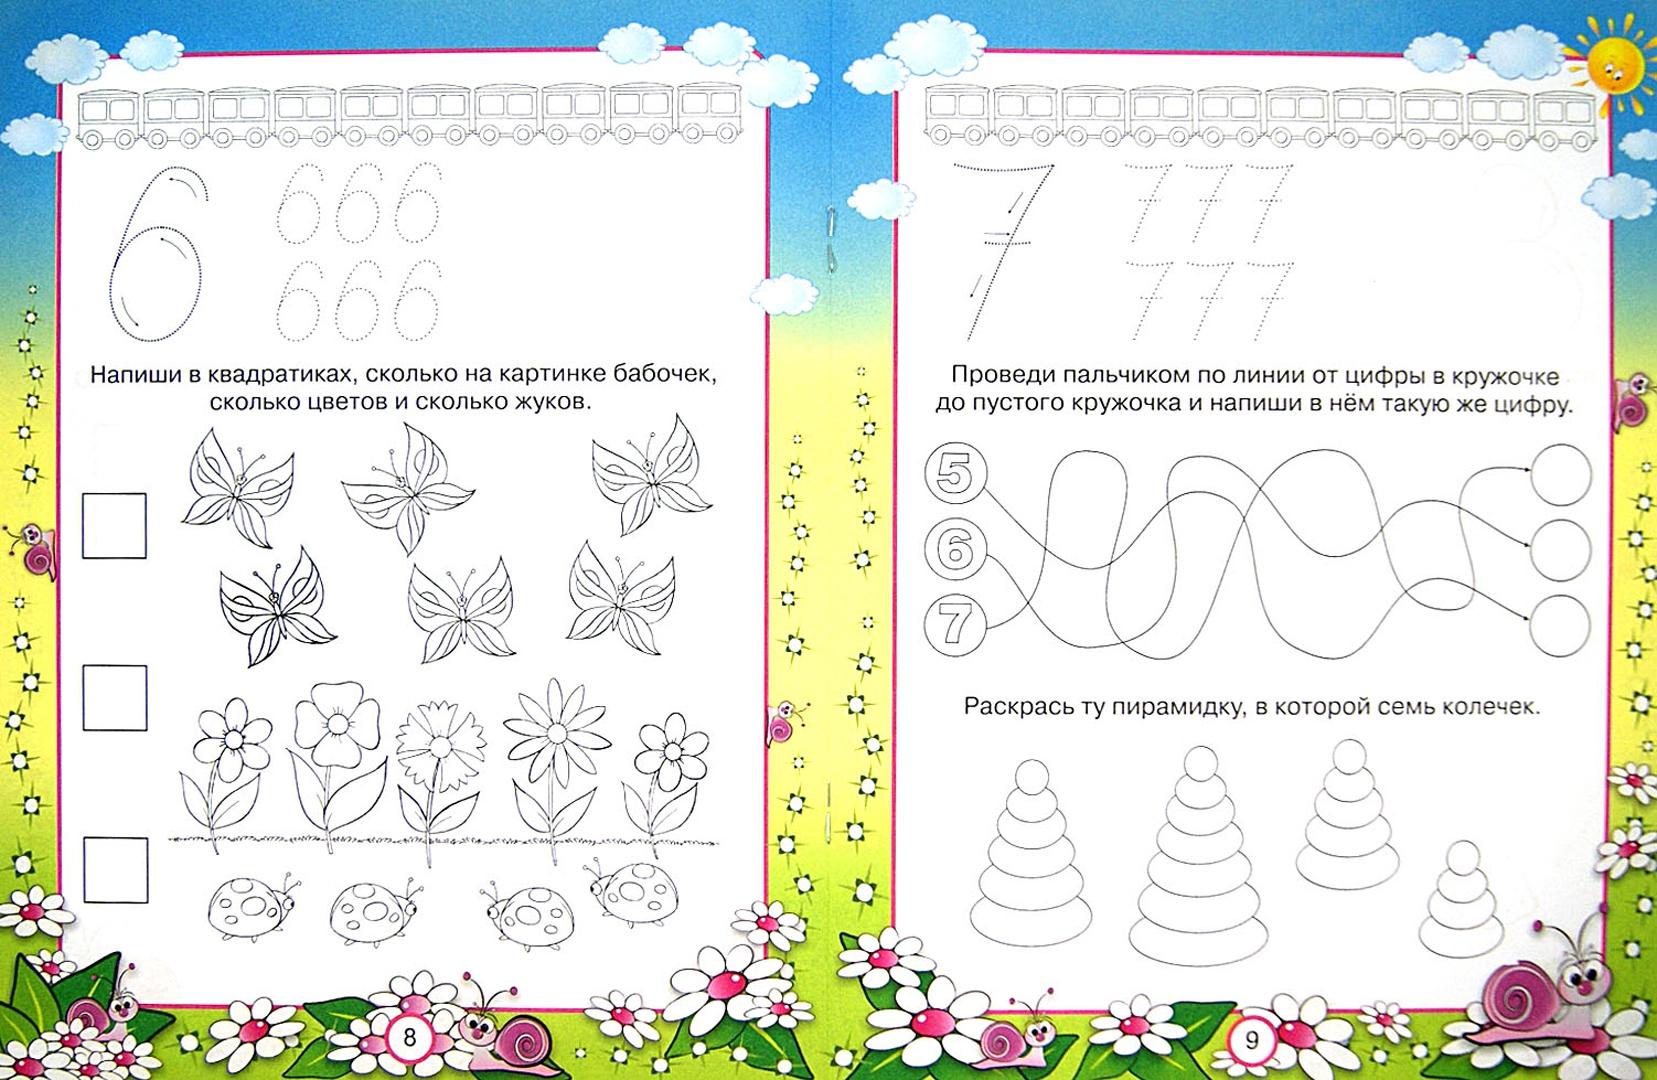 Иллюстрация 1 из 12 для Считаем, думаем, играем. Для 4-5 лет - Гаврина, Топоркова, Щербинина, Кутявина | Лабиринт - книги. Источник: Лабиринт